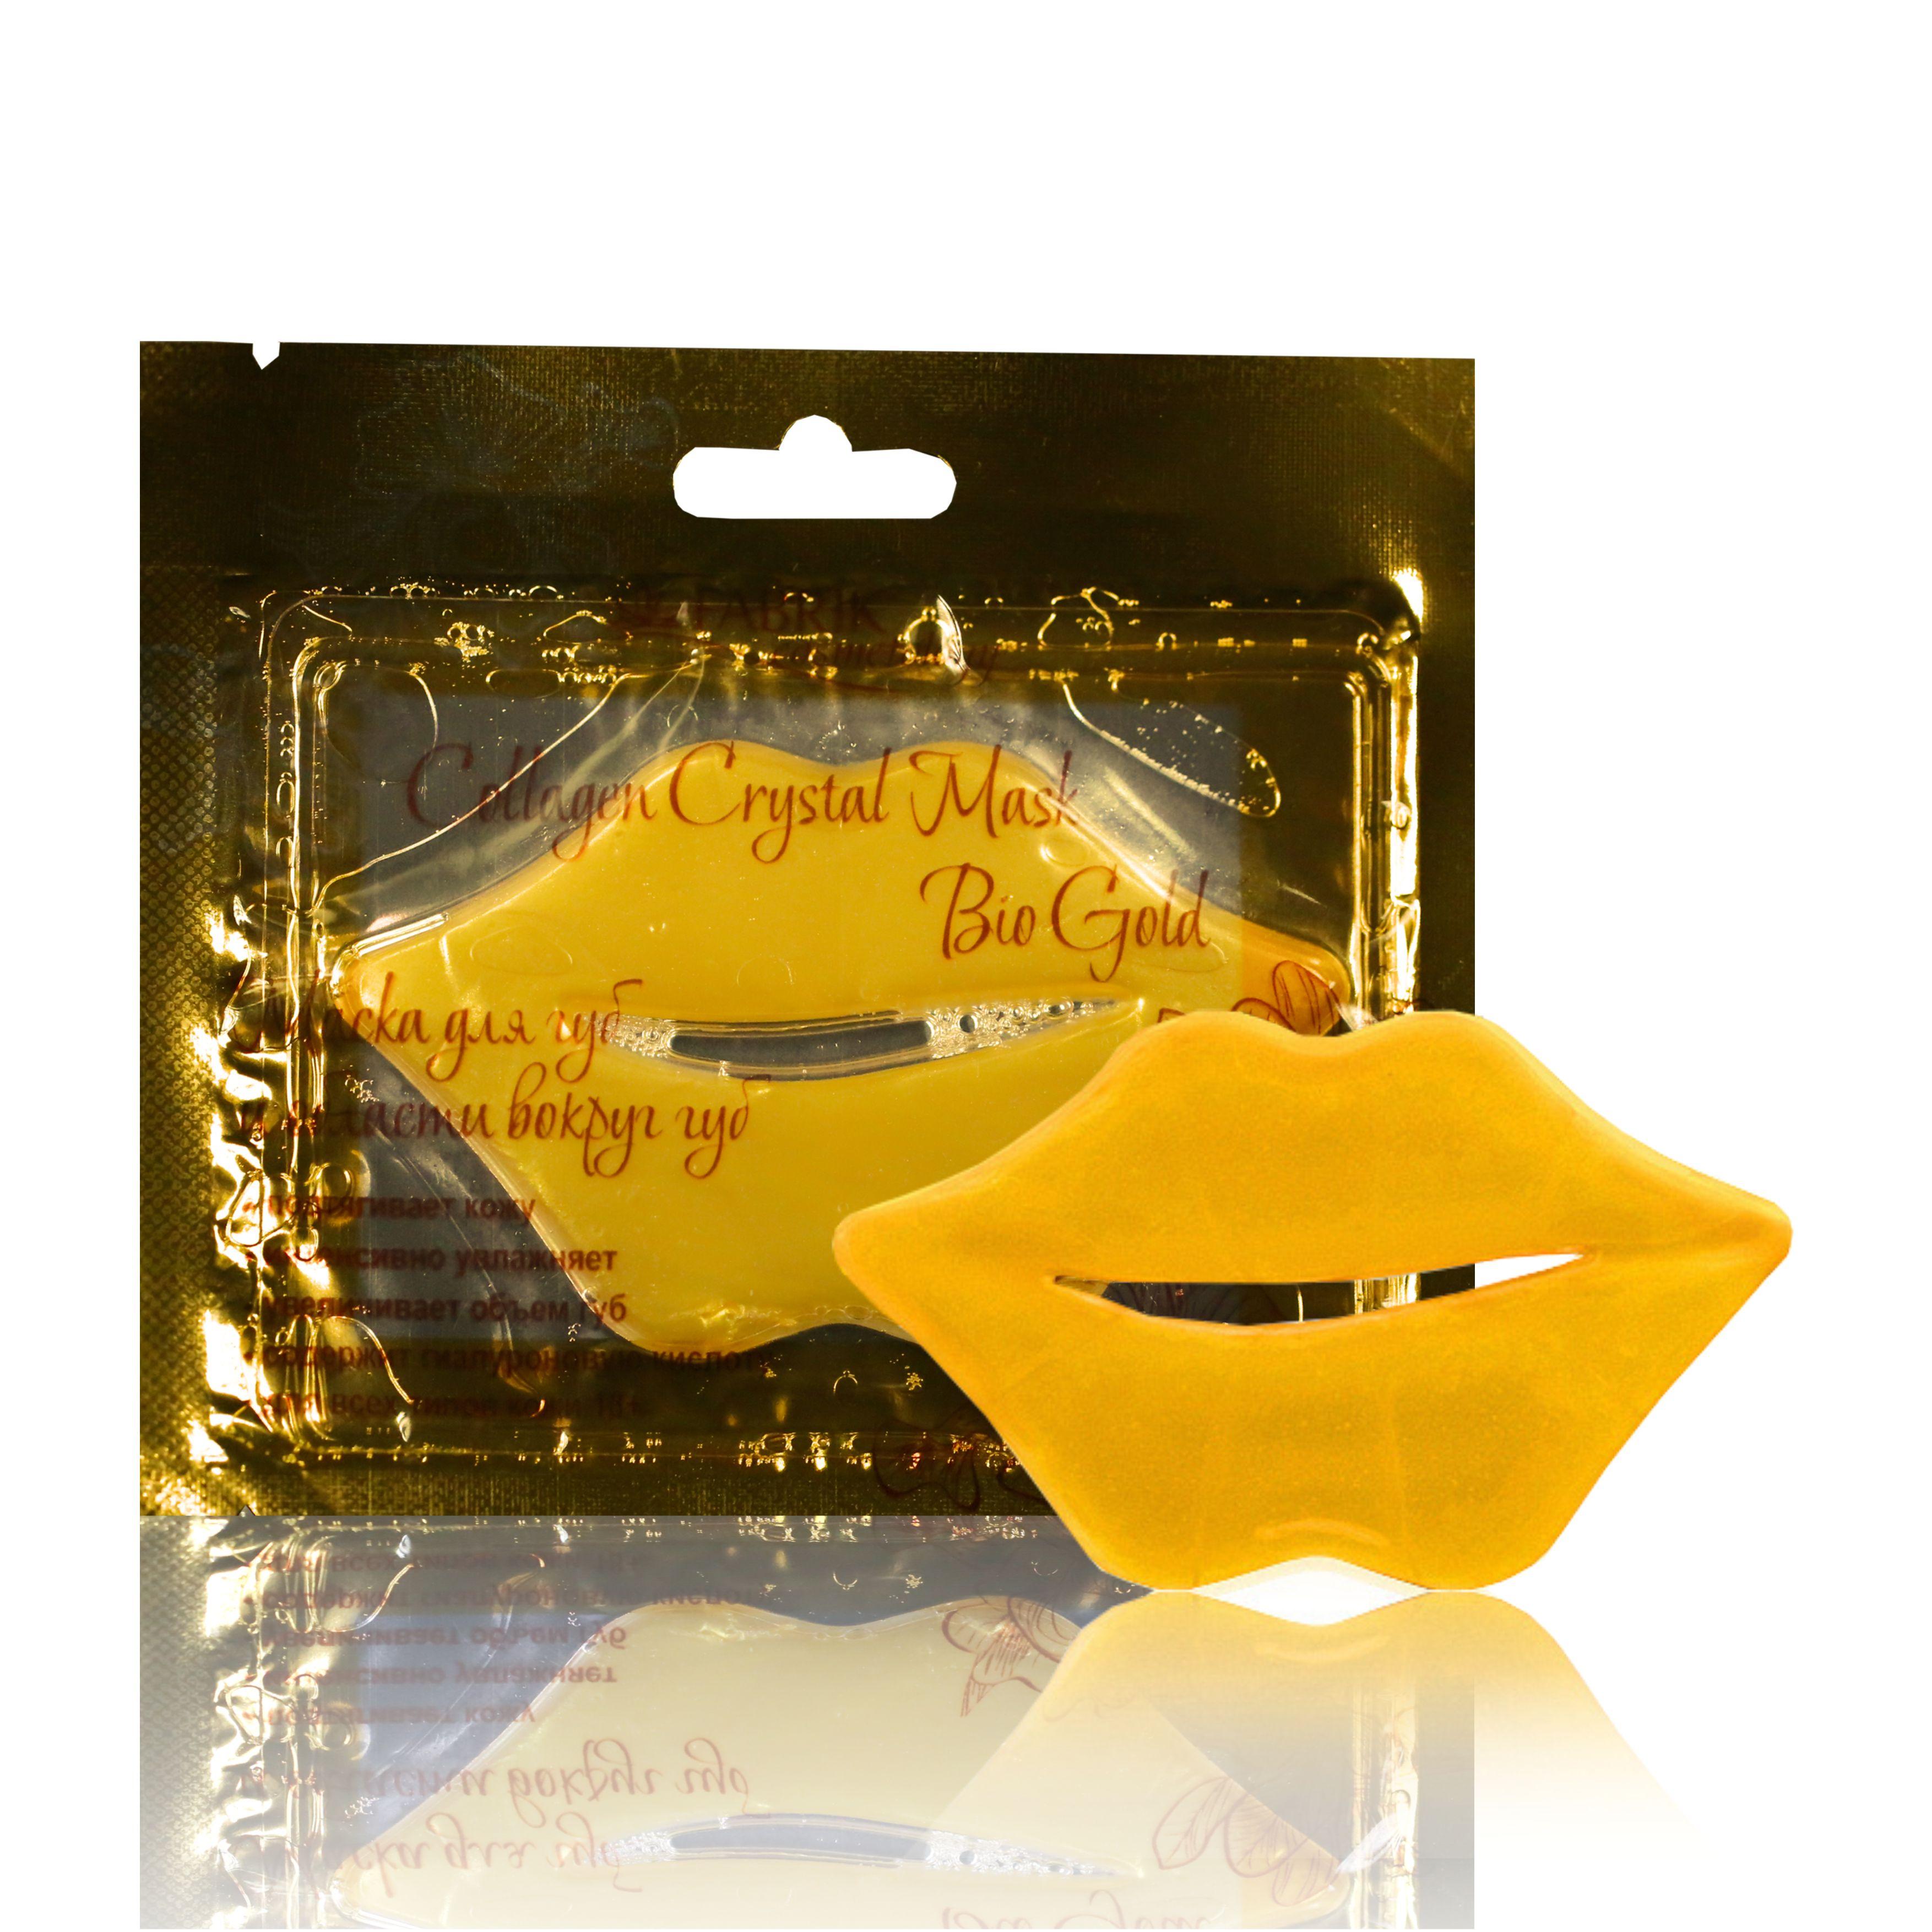 FABRIK cosmetology Маска коллагеновая с био золотом для губ 8 г